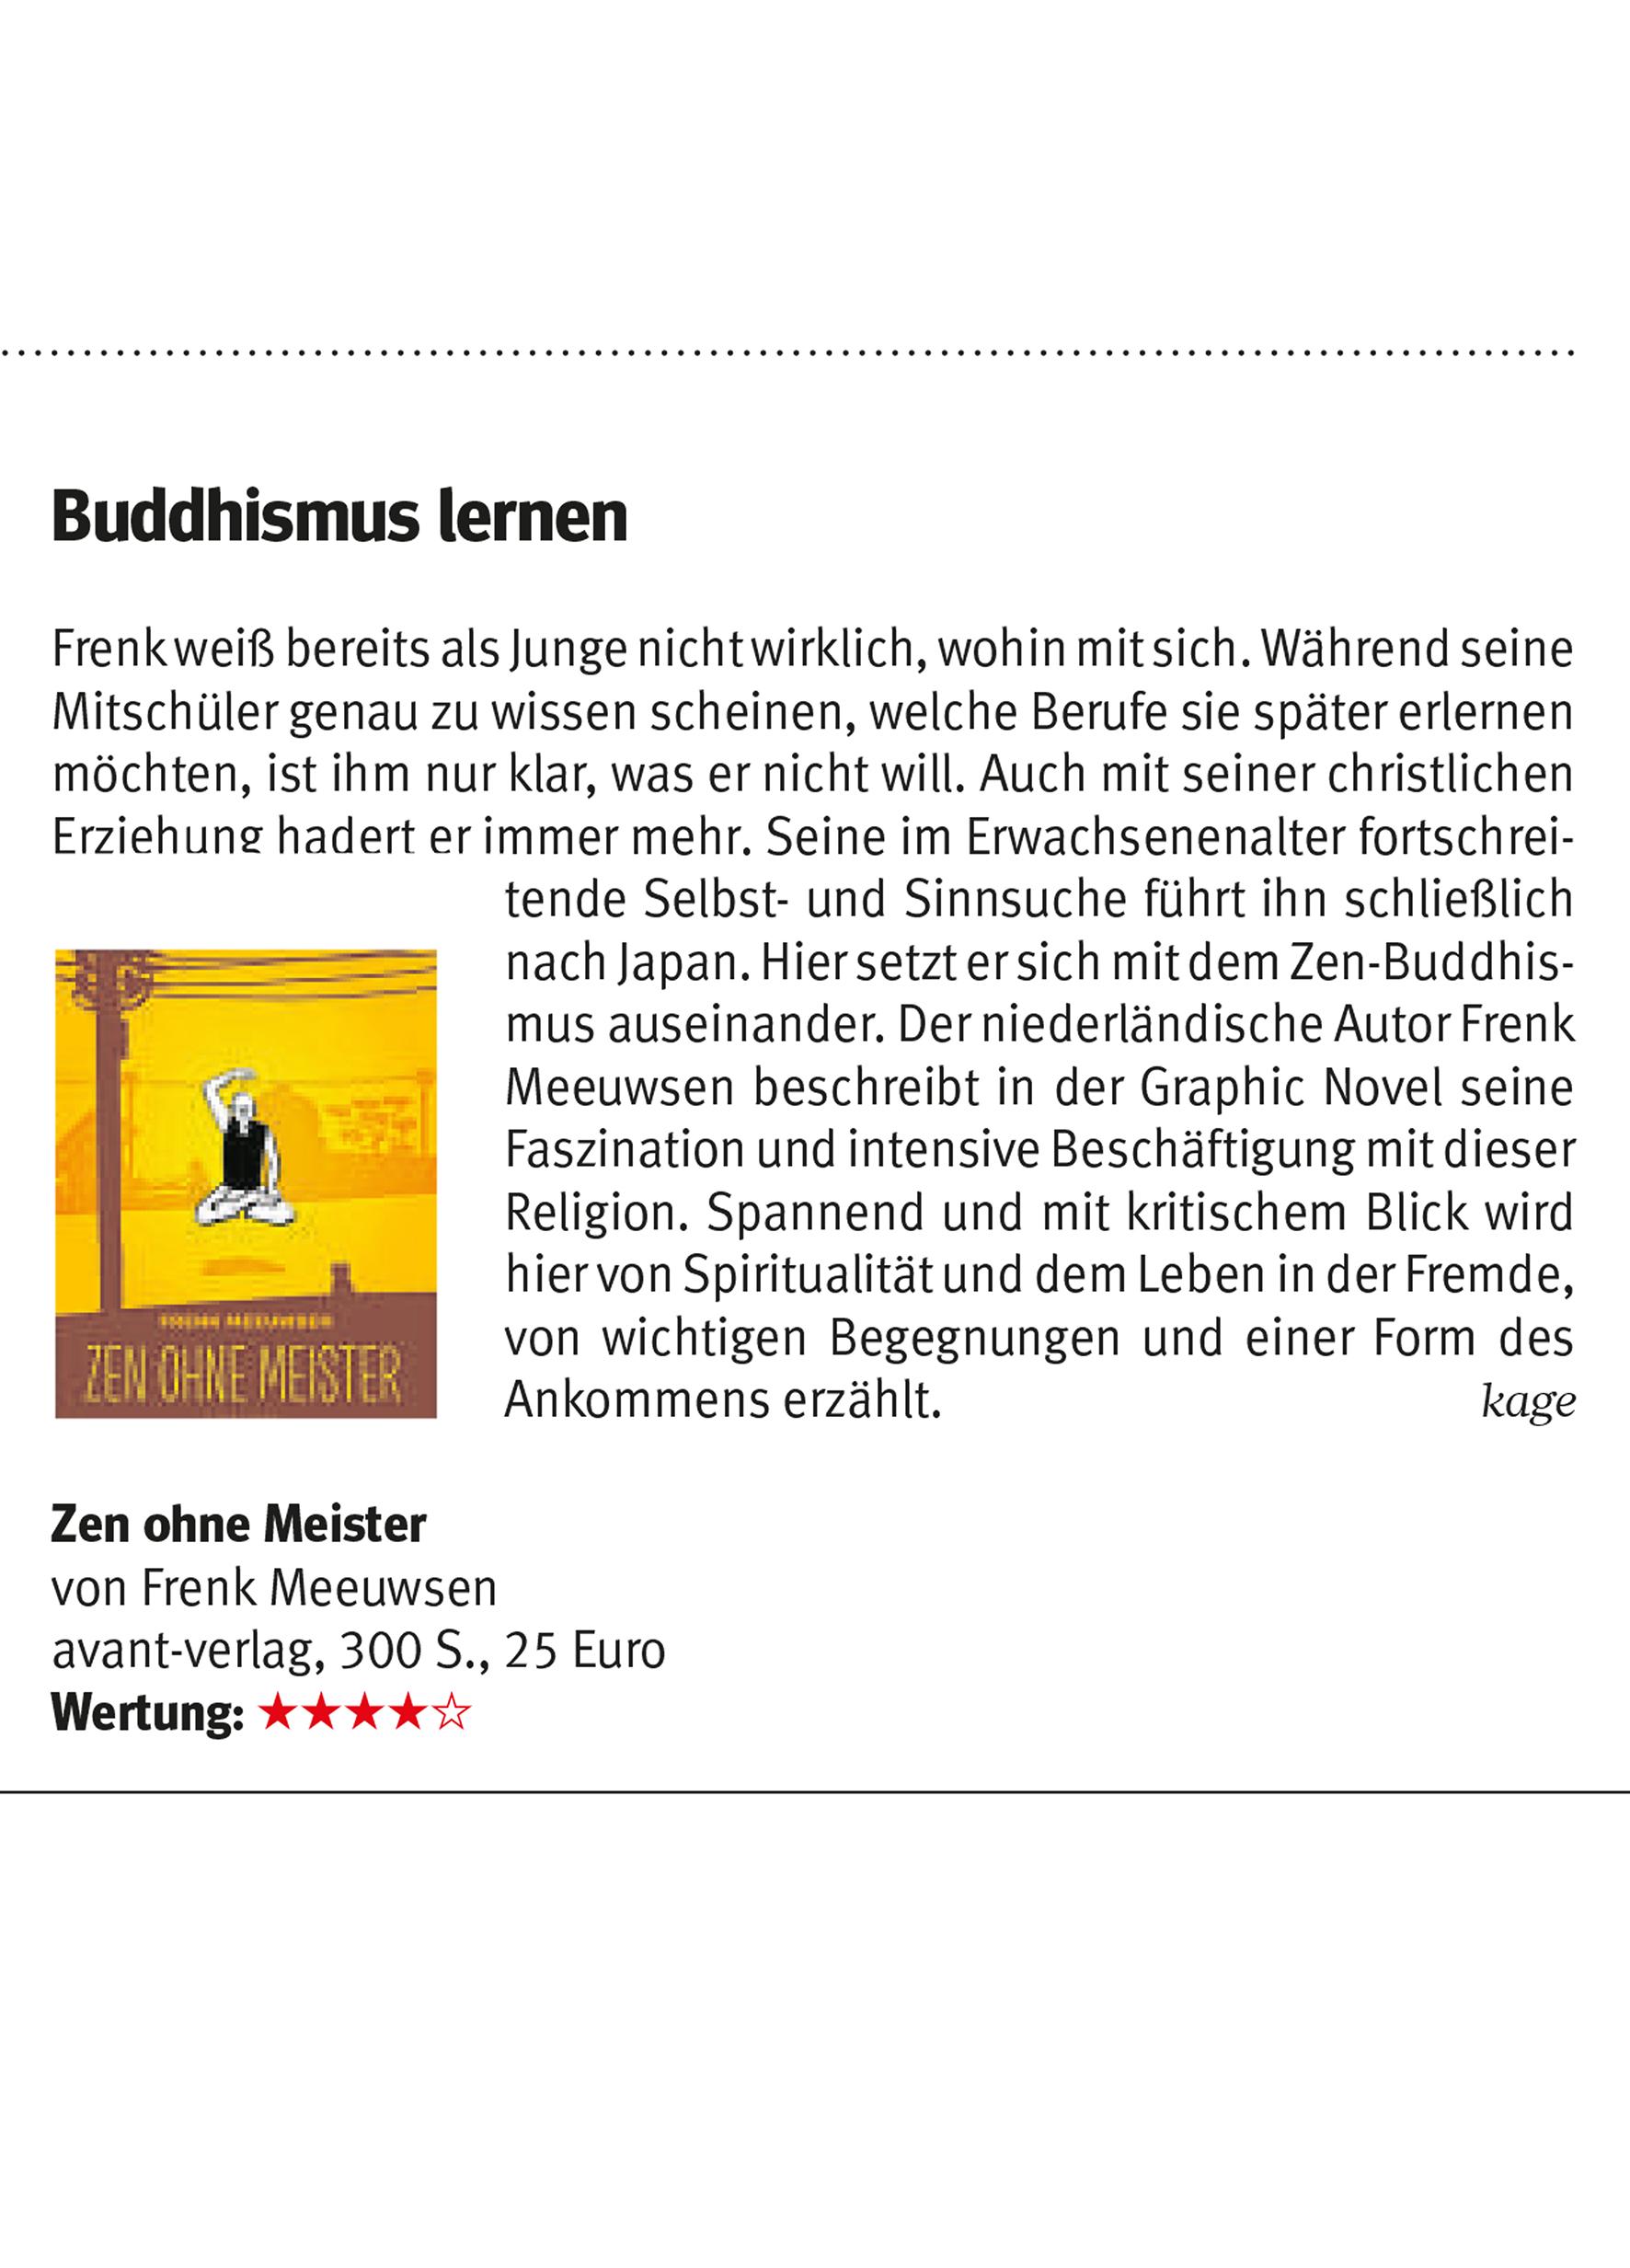 ZEN OHNE MEISTER in Westdeutsche Allgemeine Zeitung